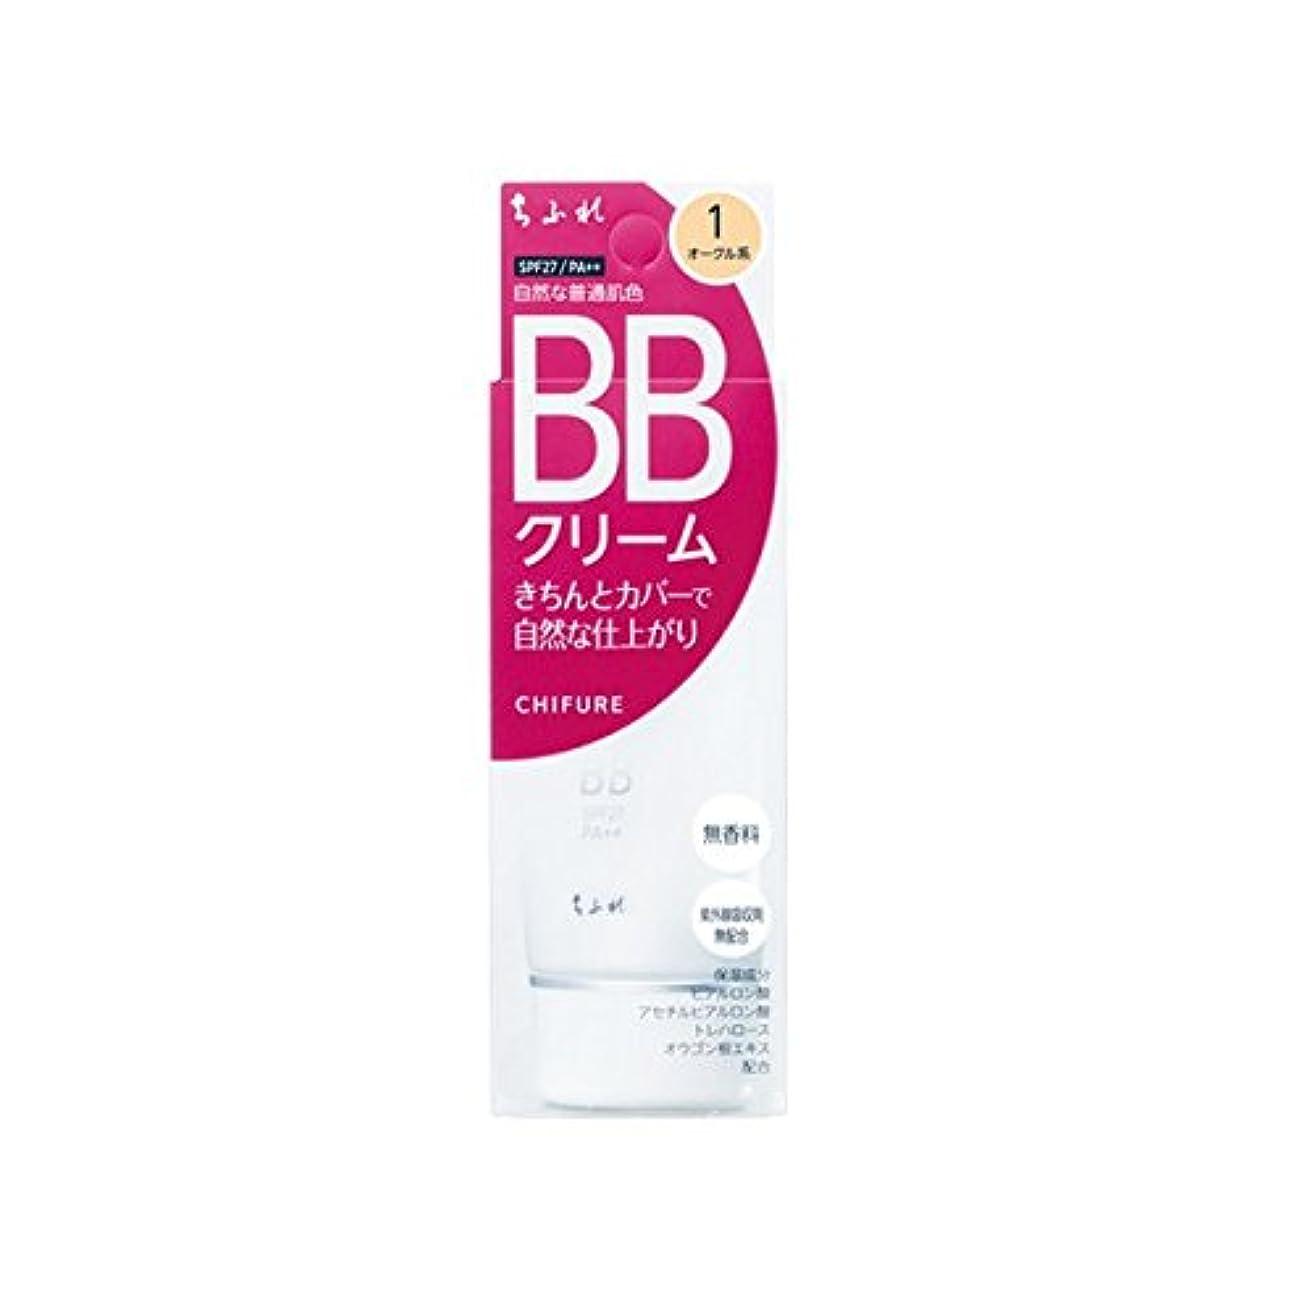 本質的ではないサミットポータルちふれ化粧品 BB クリーム 1 自然な普通肌色 BBクリーム 1